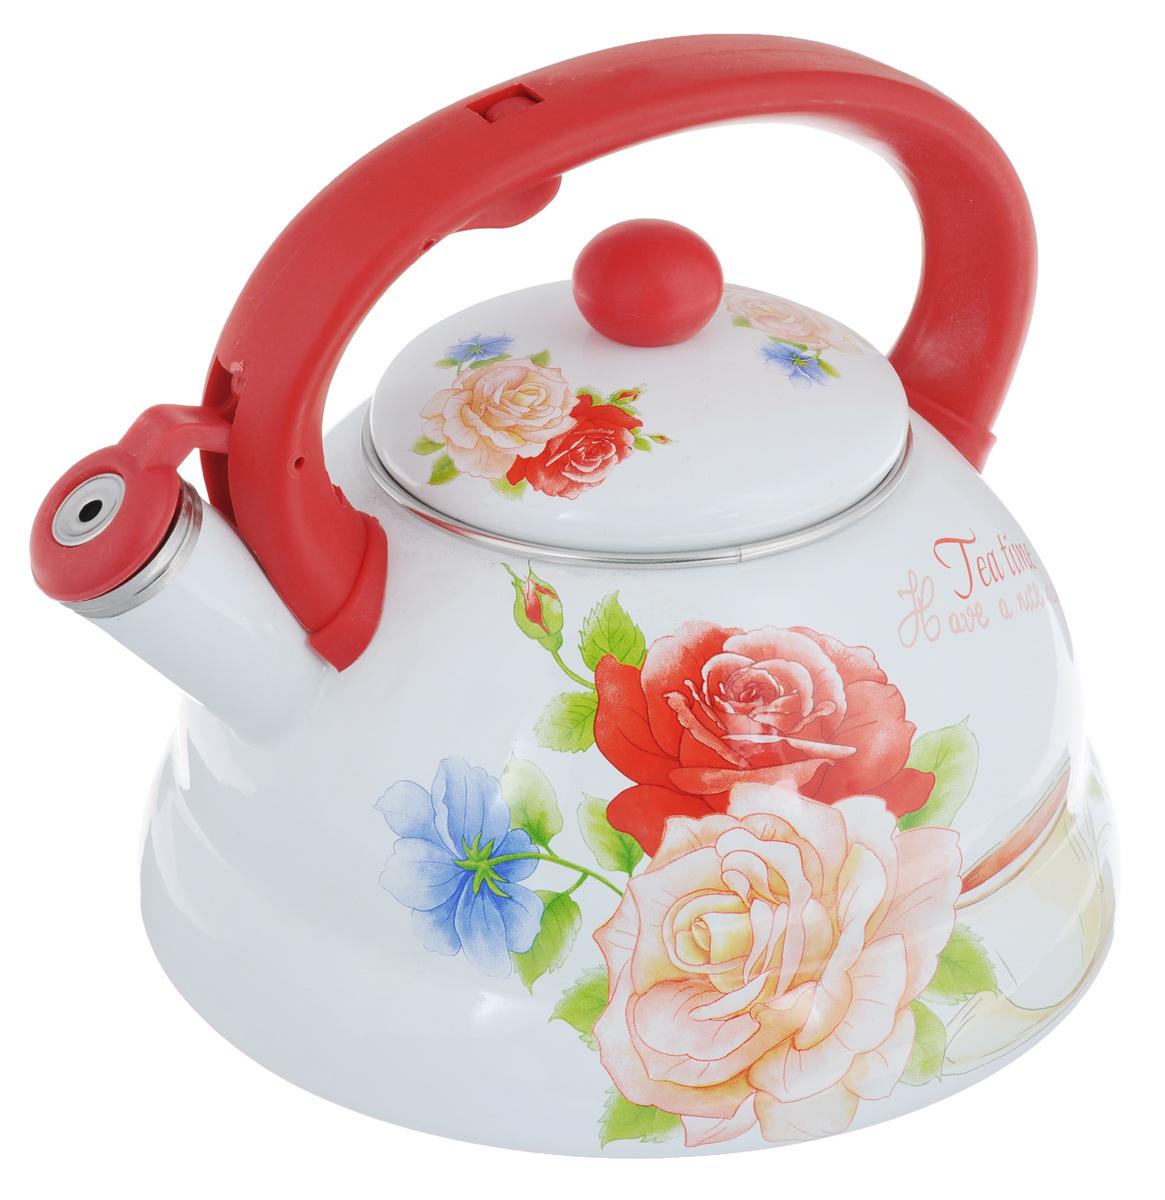 Чайник эмалированный Mayer & Boch Розы, со свистком, 3 л391602Чайник Mayer & Boch Розы выполнен из высококачественной углеродистой стали. Капсулированное дно с прослойкой из алюминия обеспечивает наилучшее распределение тепла. Носик чайника оснащен насадкой-свистком, что позволит вам контролировать процесс подогрева или кипячения воды. Фиксированная бакелитовая ручка дает дополнительное удобство при разлитии напитка. Поверхность чайника гладкая, что облегчает уход за ним.Эстетичный и функциональный, с эксклюзивным дизайном, чайник будет оригинально смотреться в любом интерьере. Подходит для всех типов плит, включая индукционные. Можно мыть в посудомоечной машине.Высота чайника (без учета ручки и крышки): 12 см. Высота чайника (с учетом ручки и крышки): 20 см Диаметр чайника (по верхнему краю): 12 см.